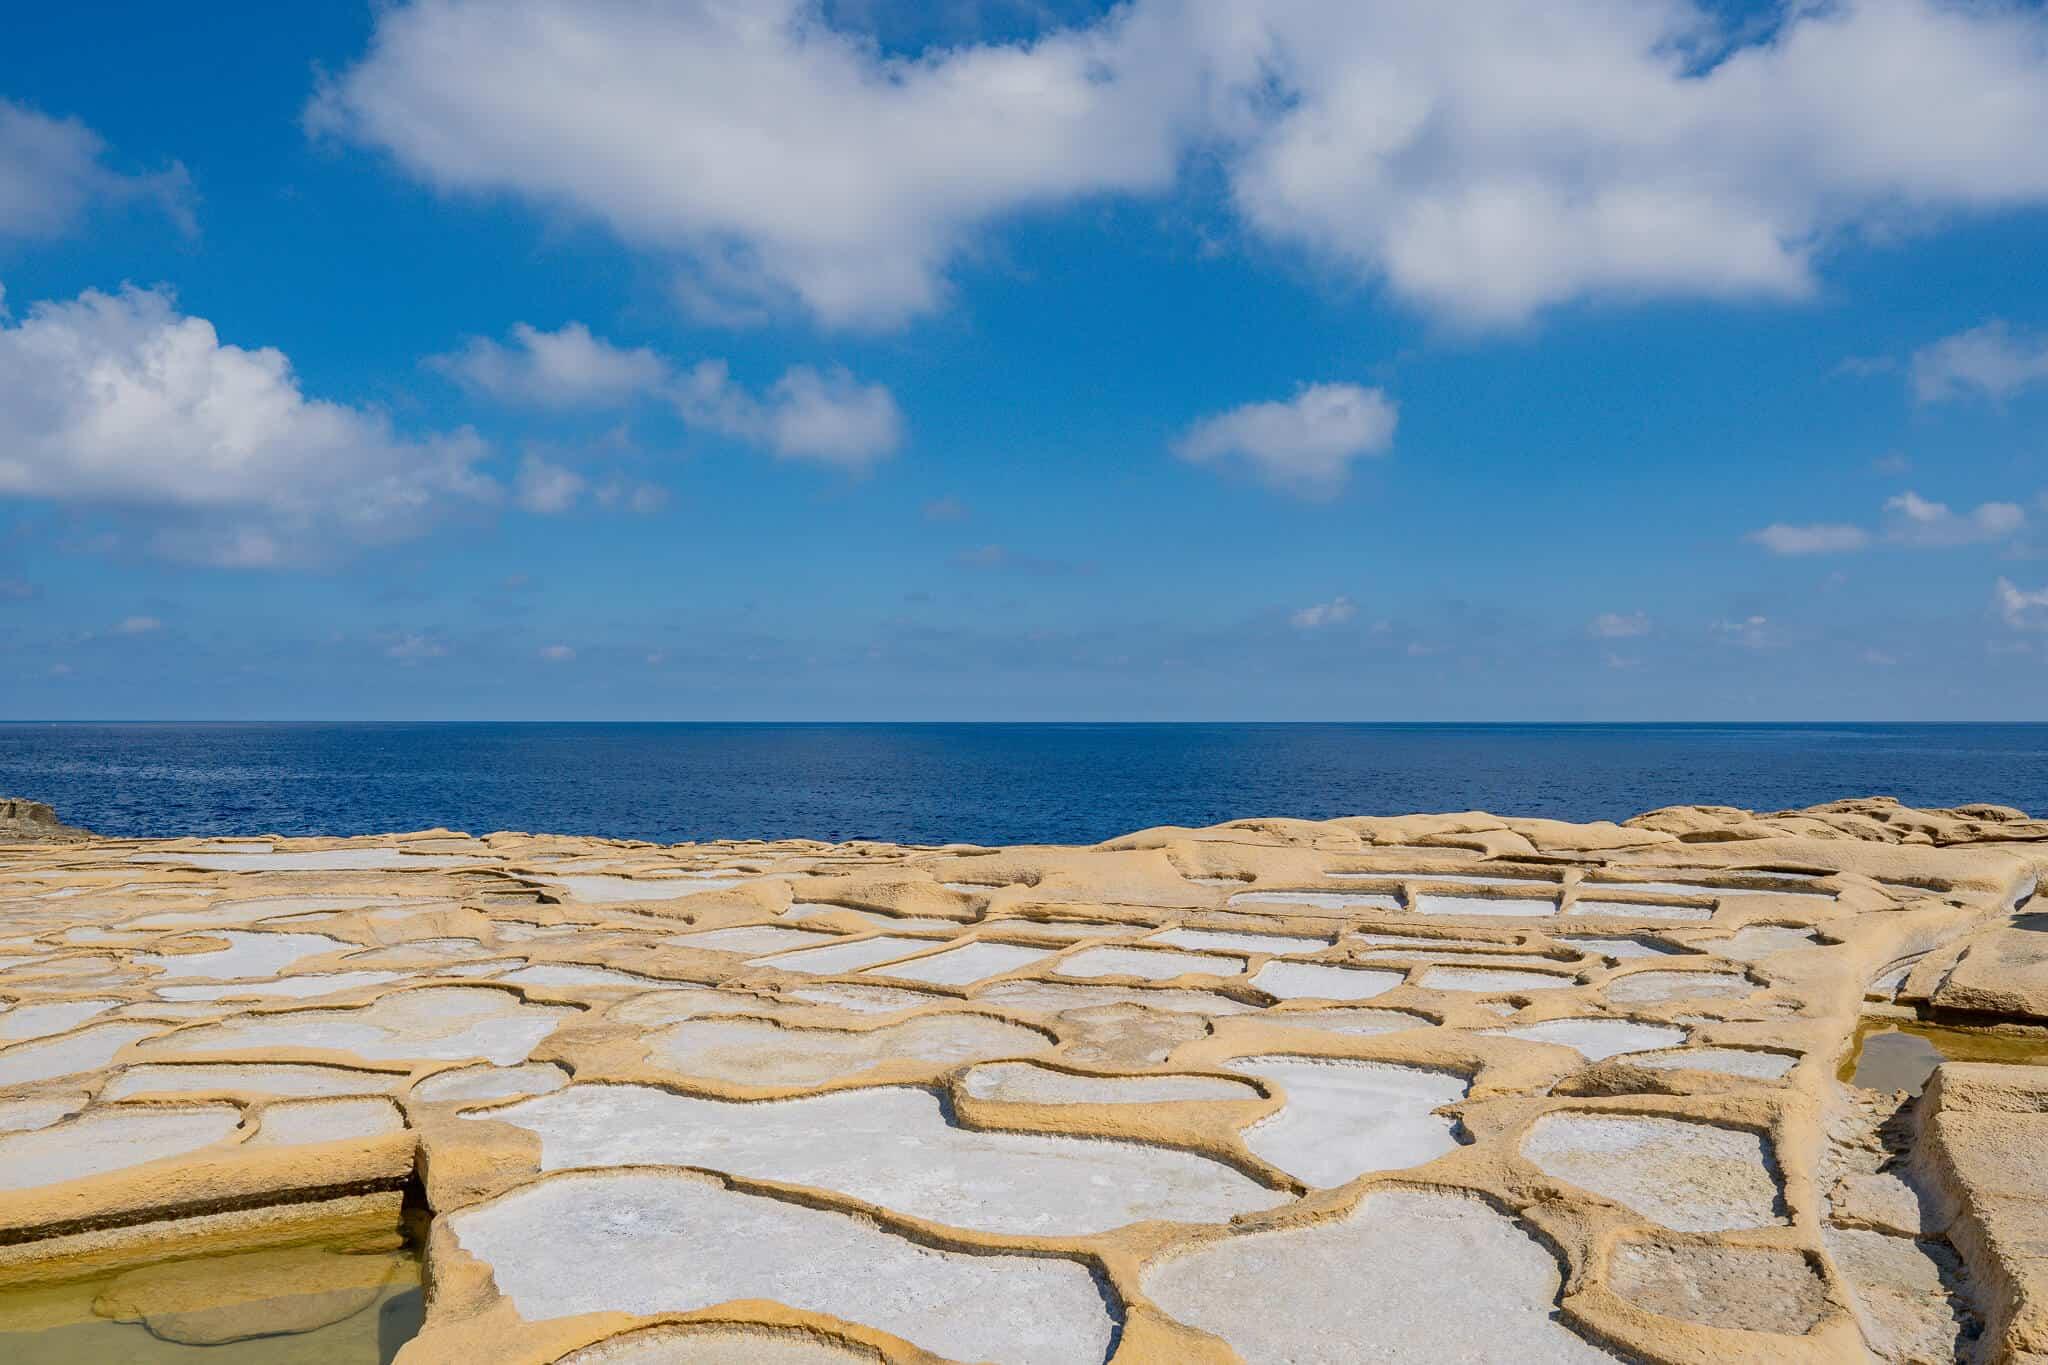 Salzpfannen Xwejni Bay